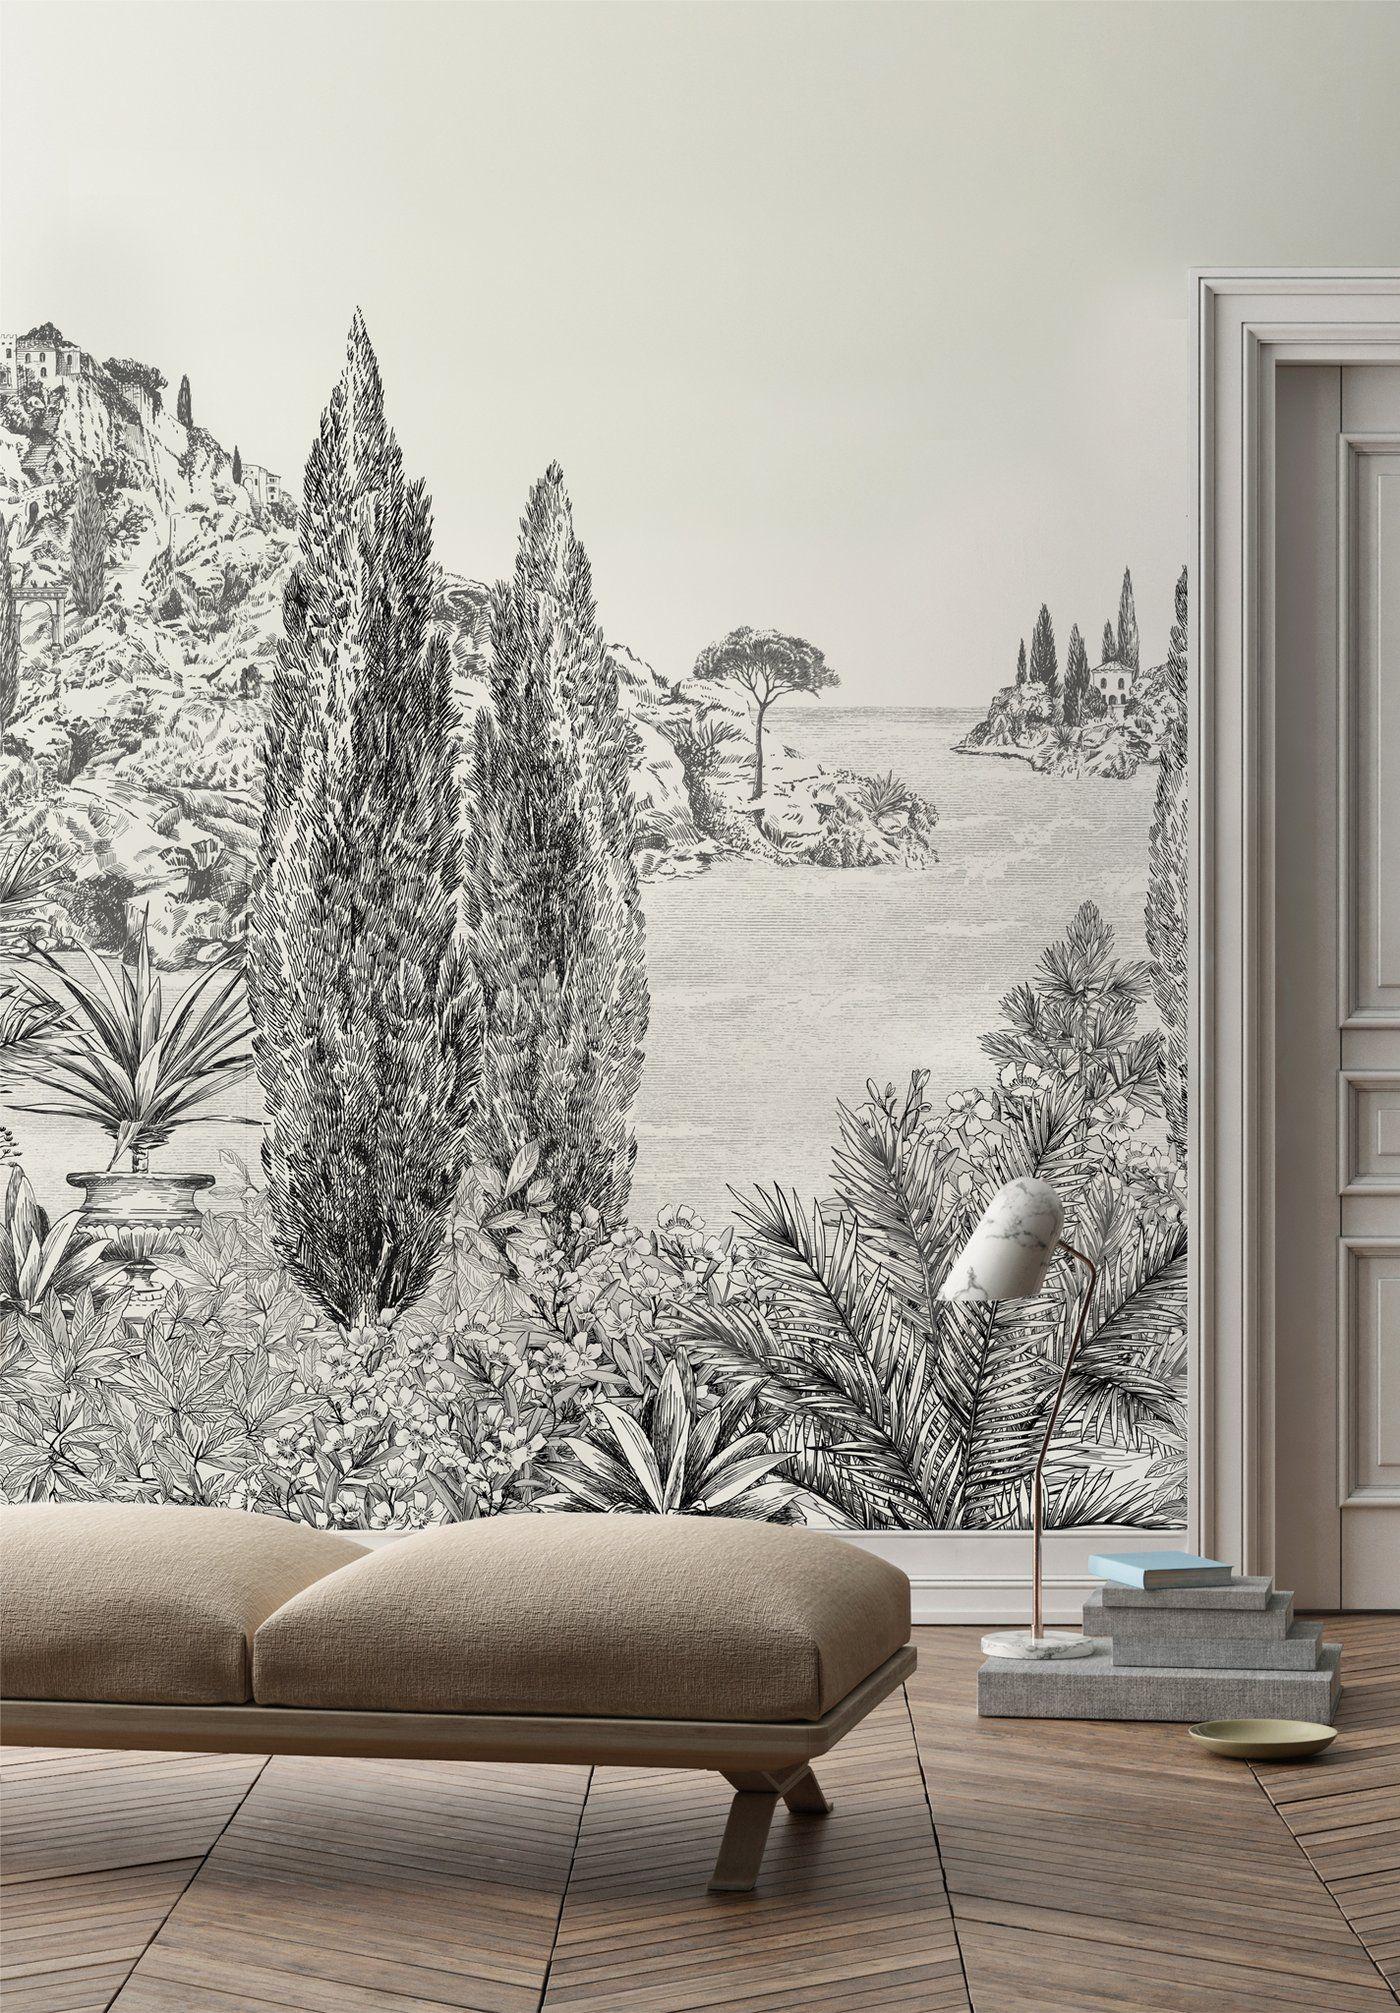 Papier Peint Motif Nature cypres | papier peint panoramique, papier peint et papier